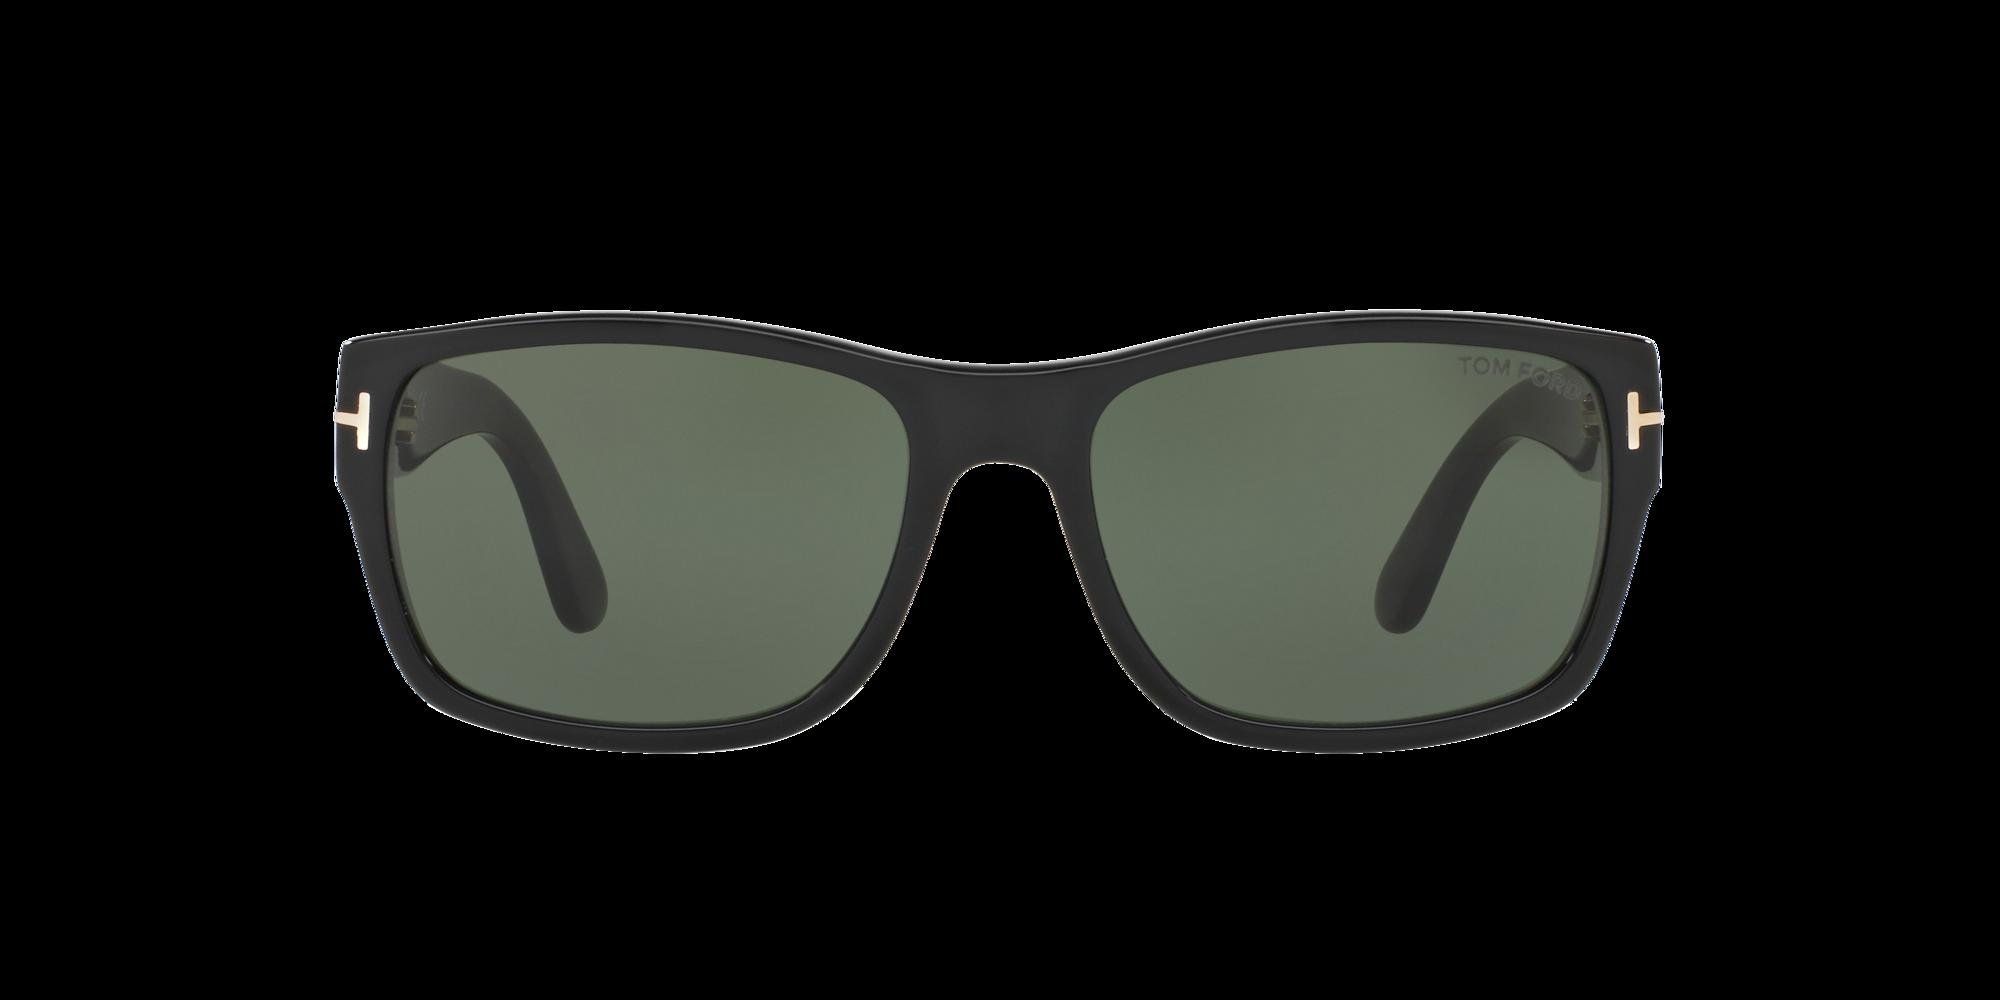 Imagen para FT0445 MASON 58 de LensCrafters |  Espejuelos, espejuelos graduados en línea, gafas